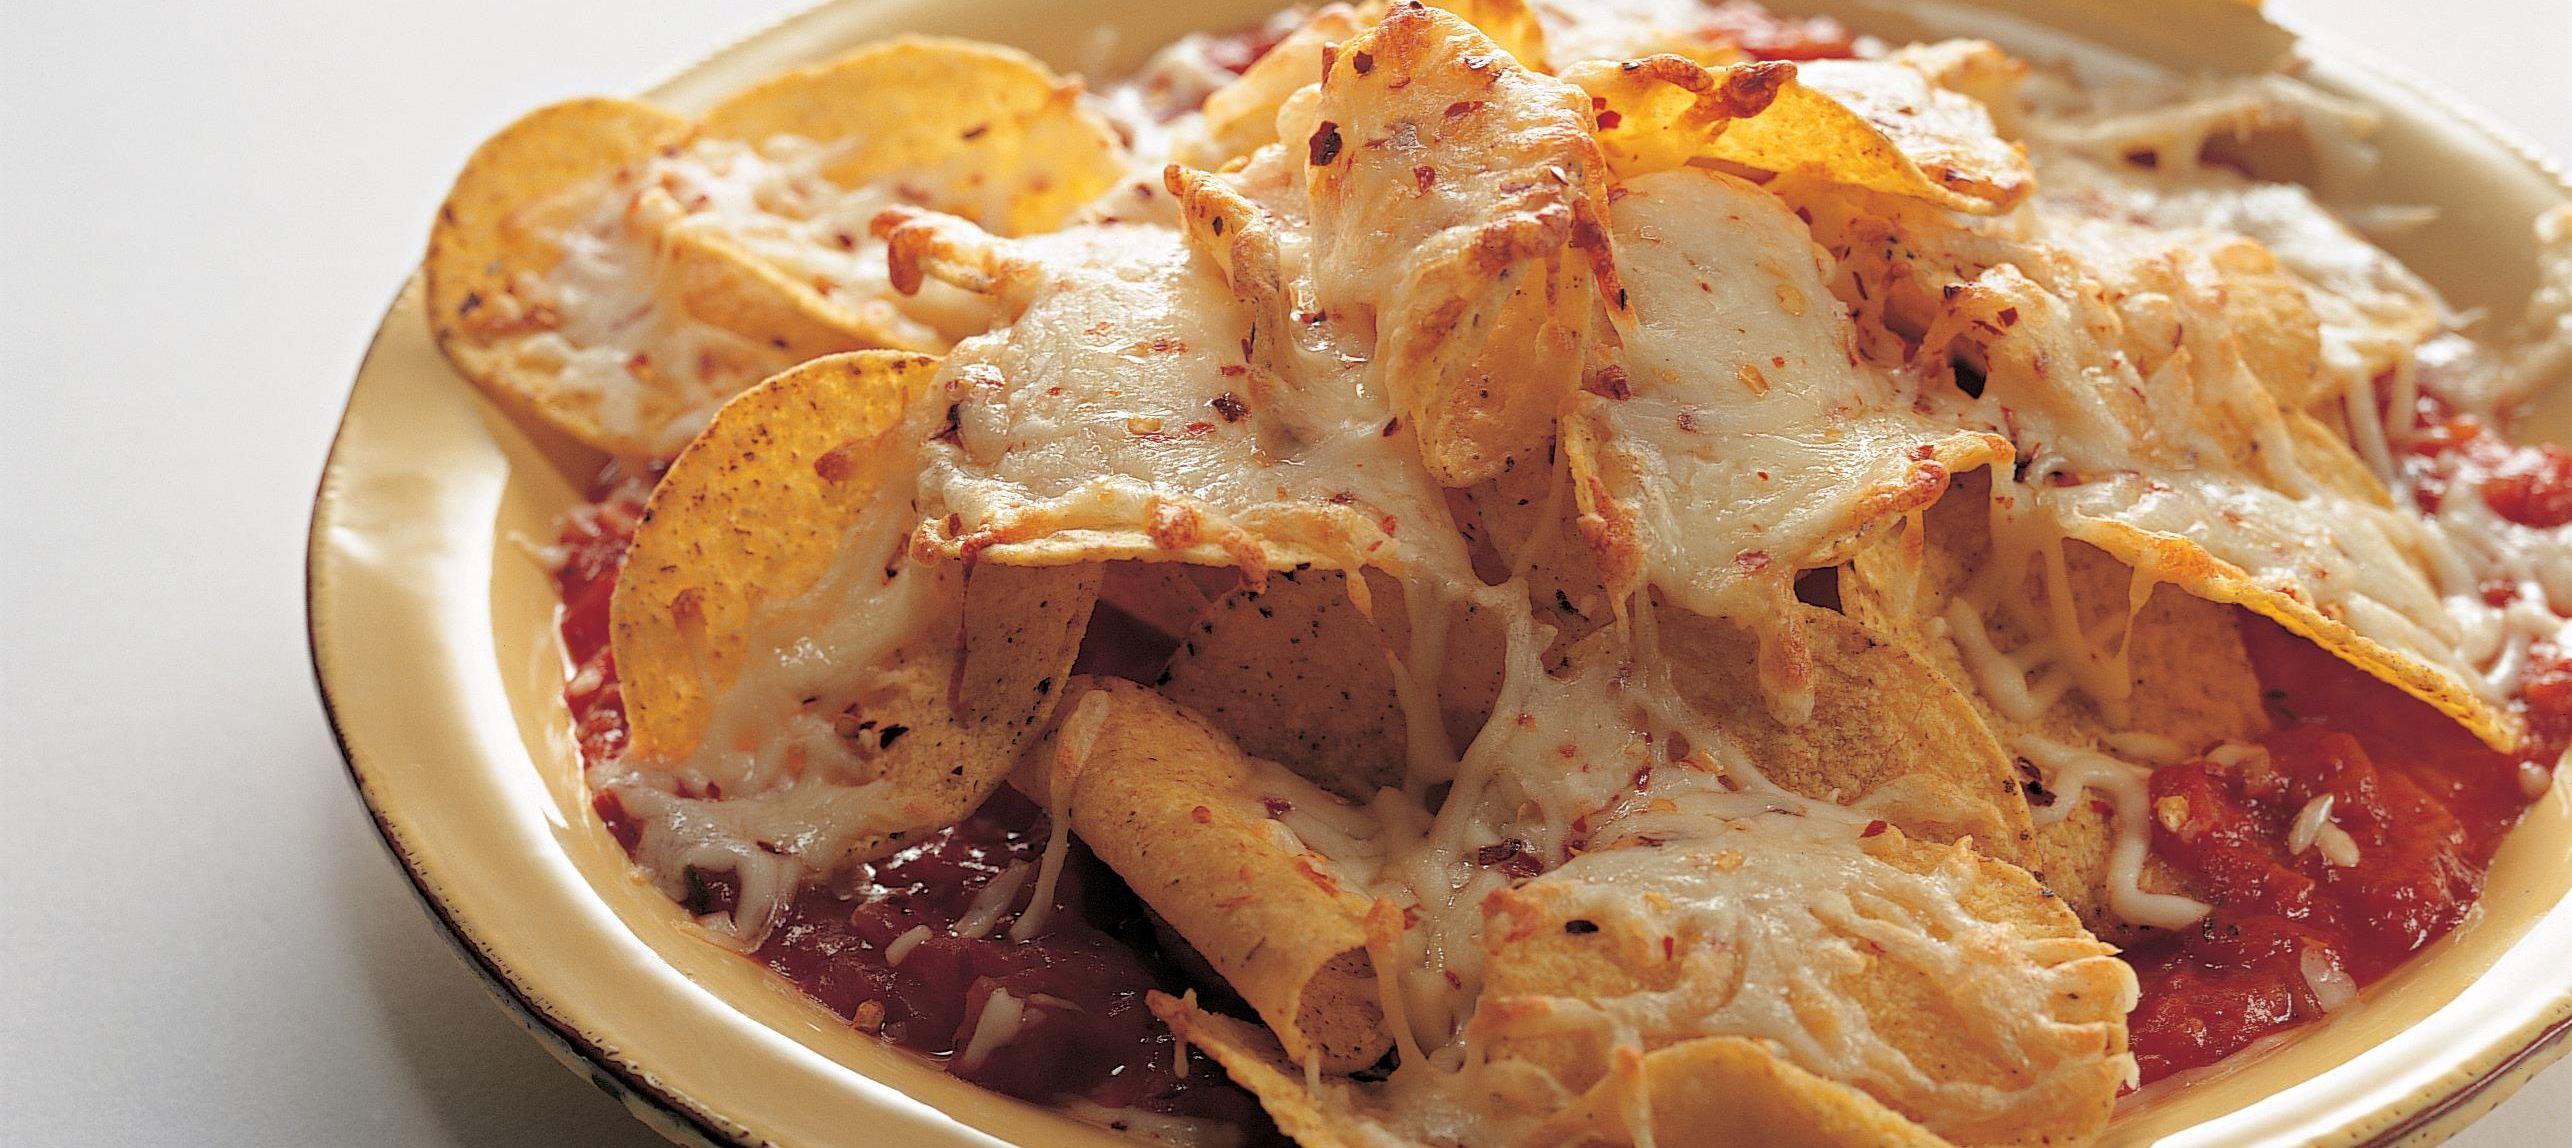 Nachos - majschips med ost